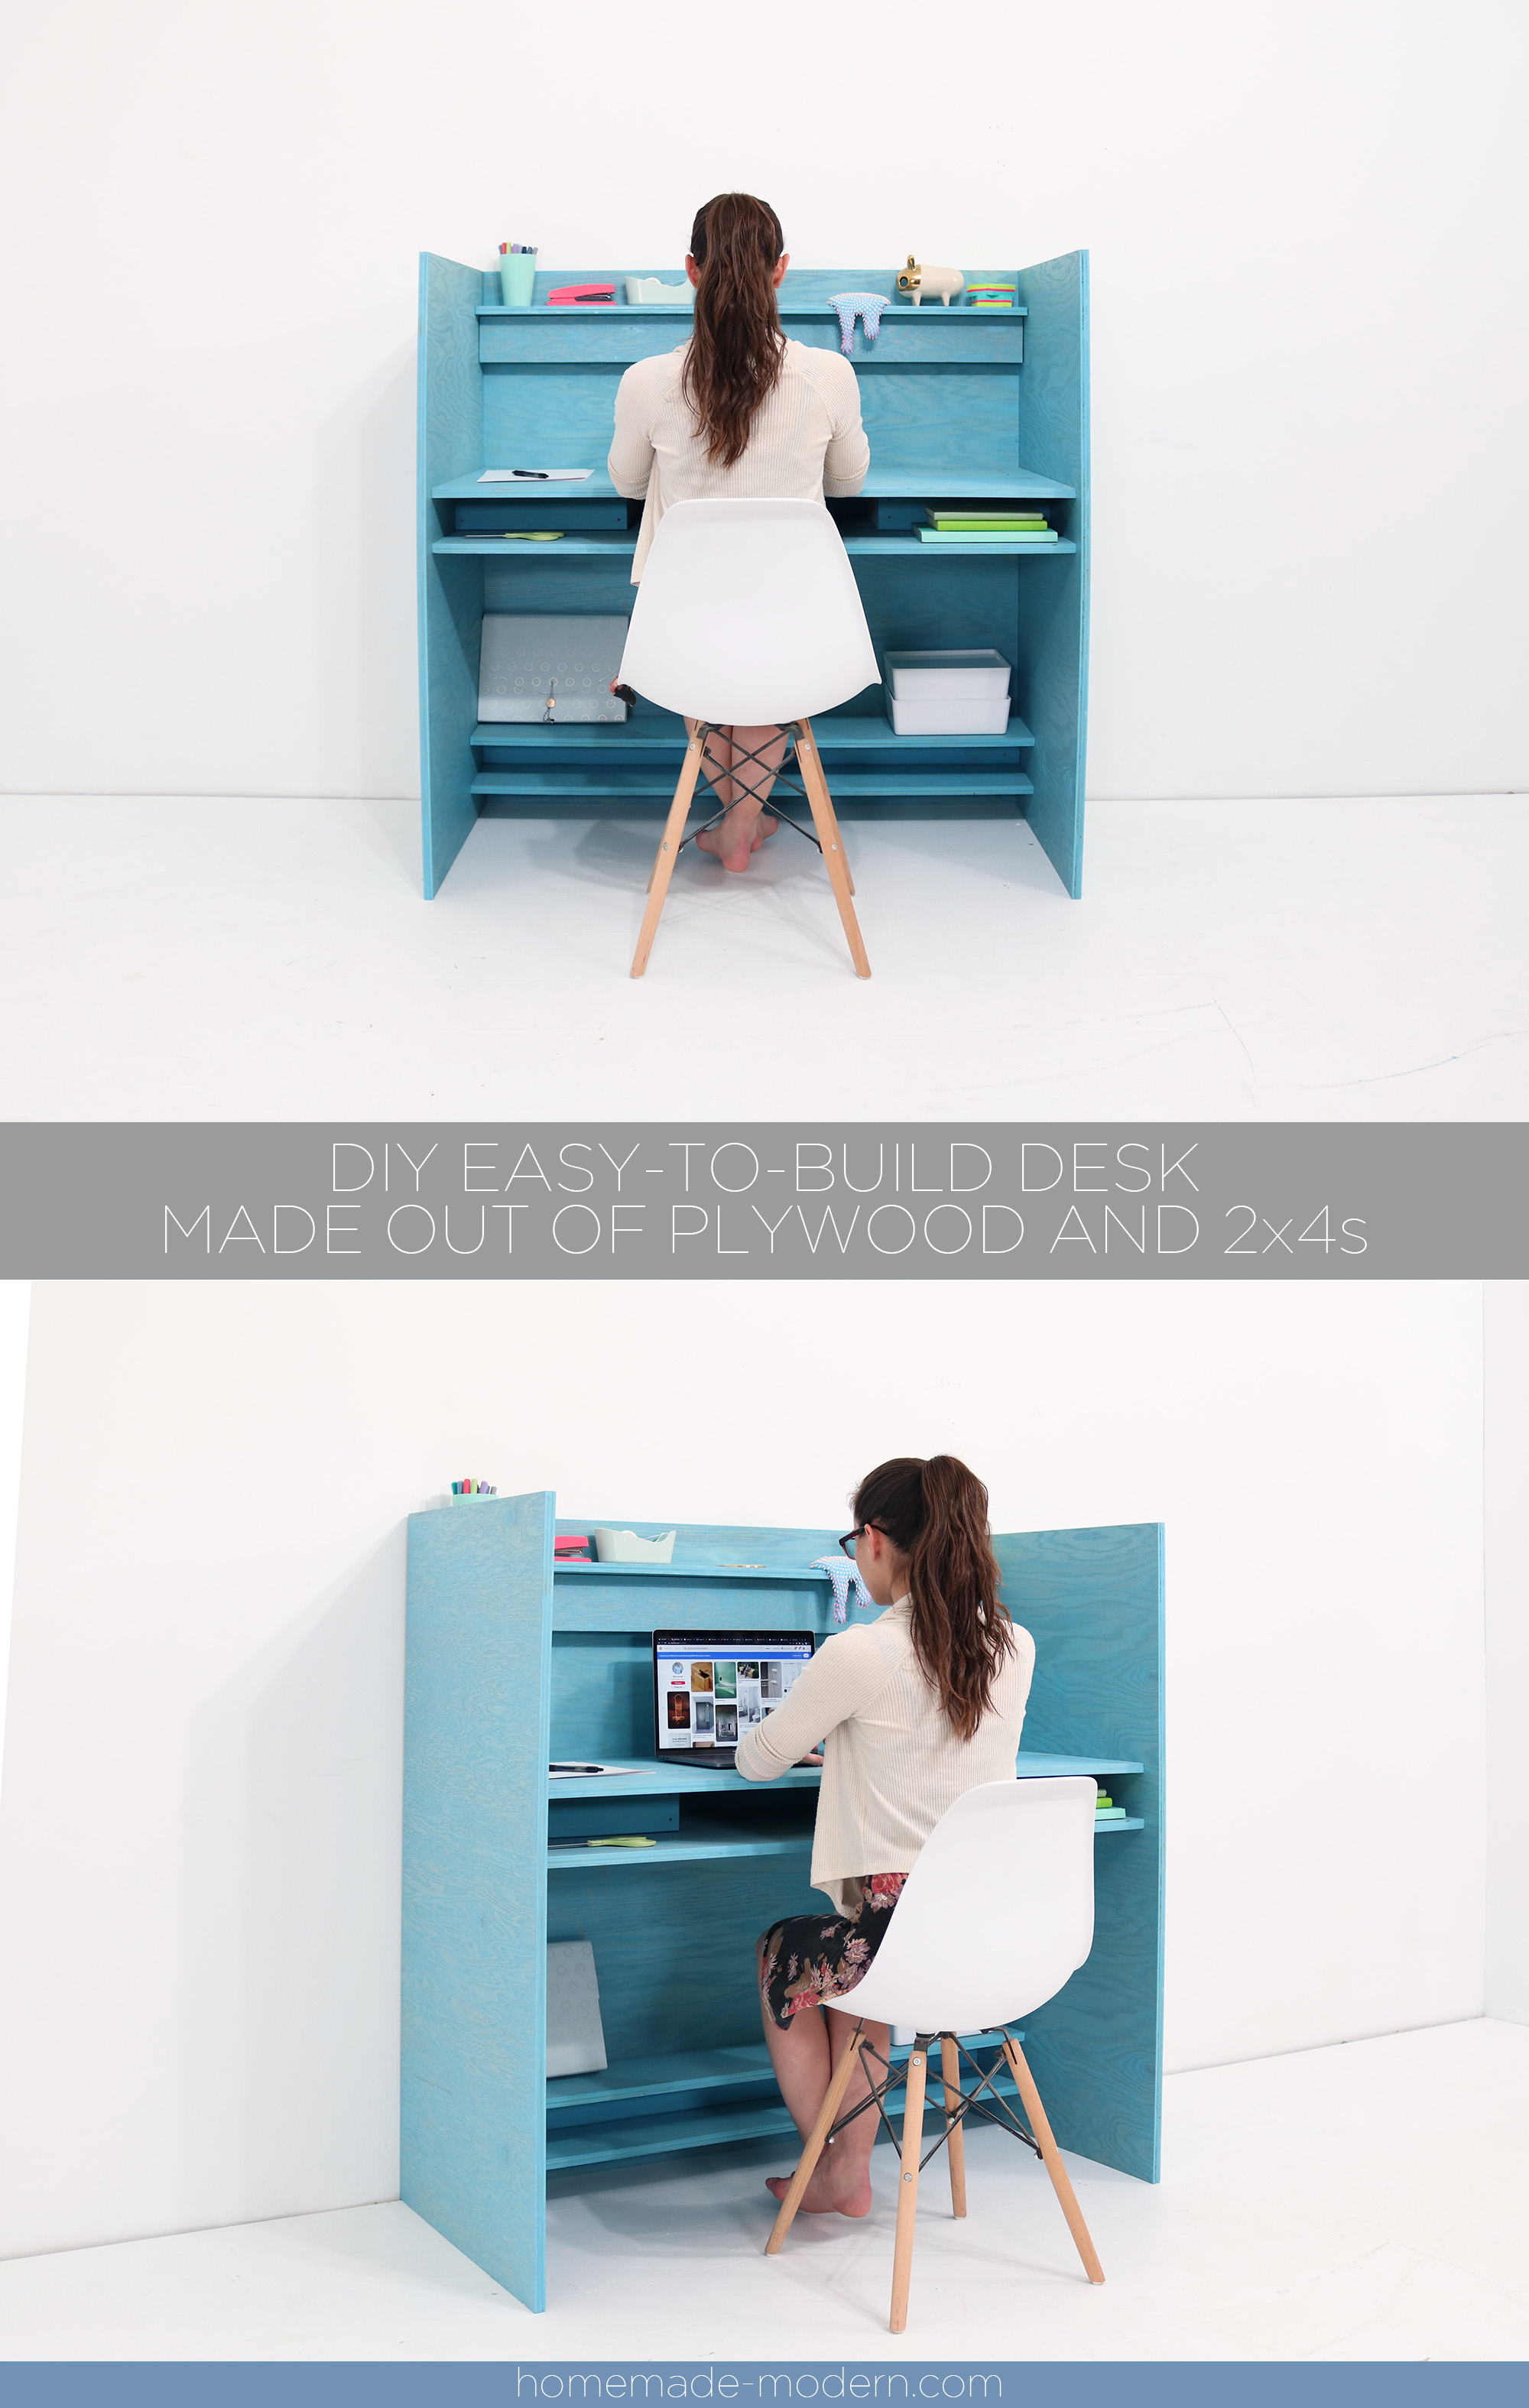 http://www.homemade-modern.com/wp-content/uploads/2020/03/BLUEQDP-banner.jpg